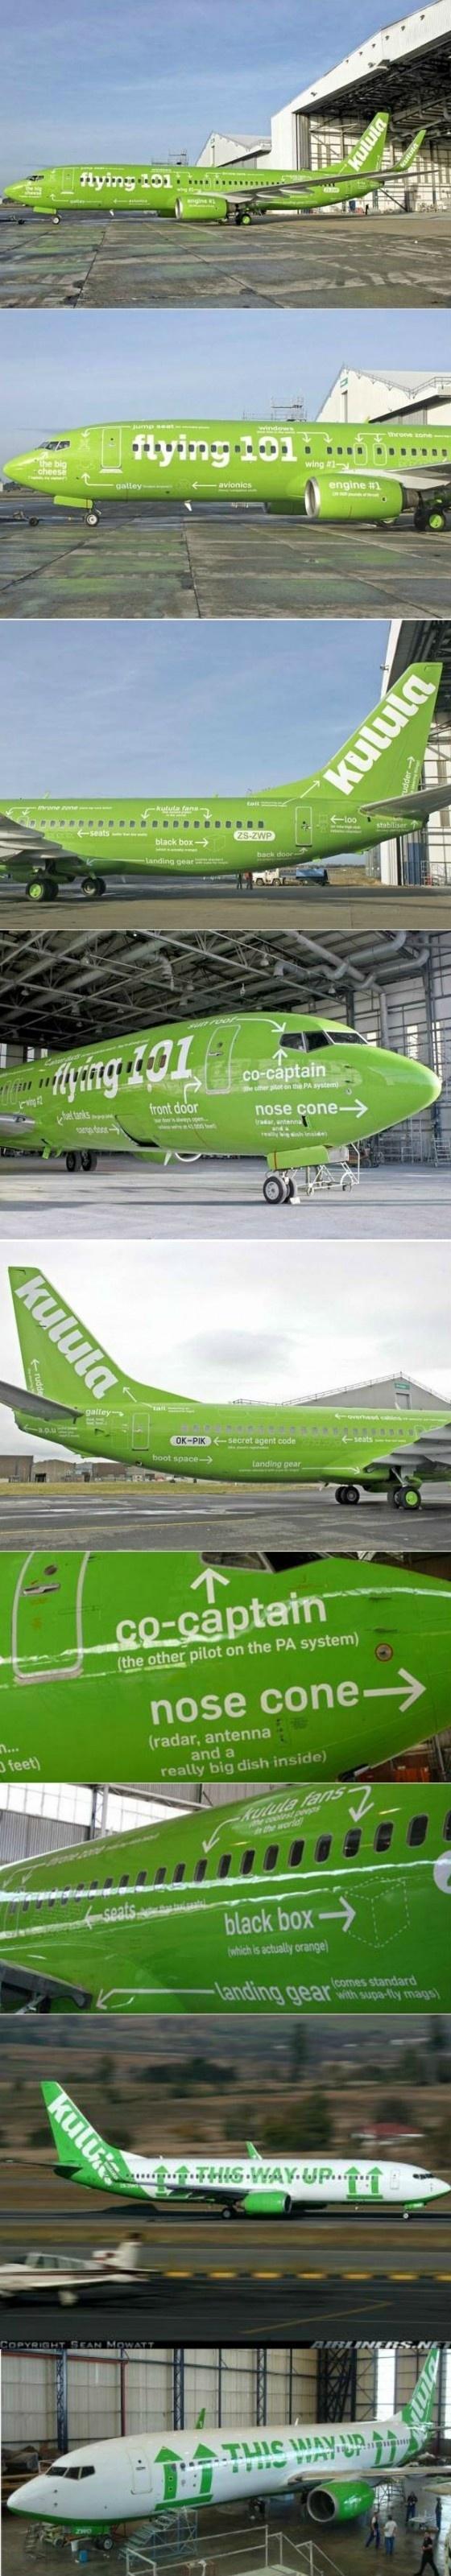 vliegtuig met duidelijke gebruiksaanwijzing